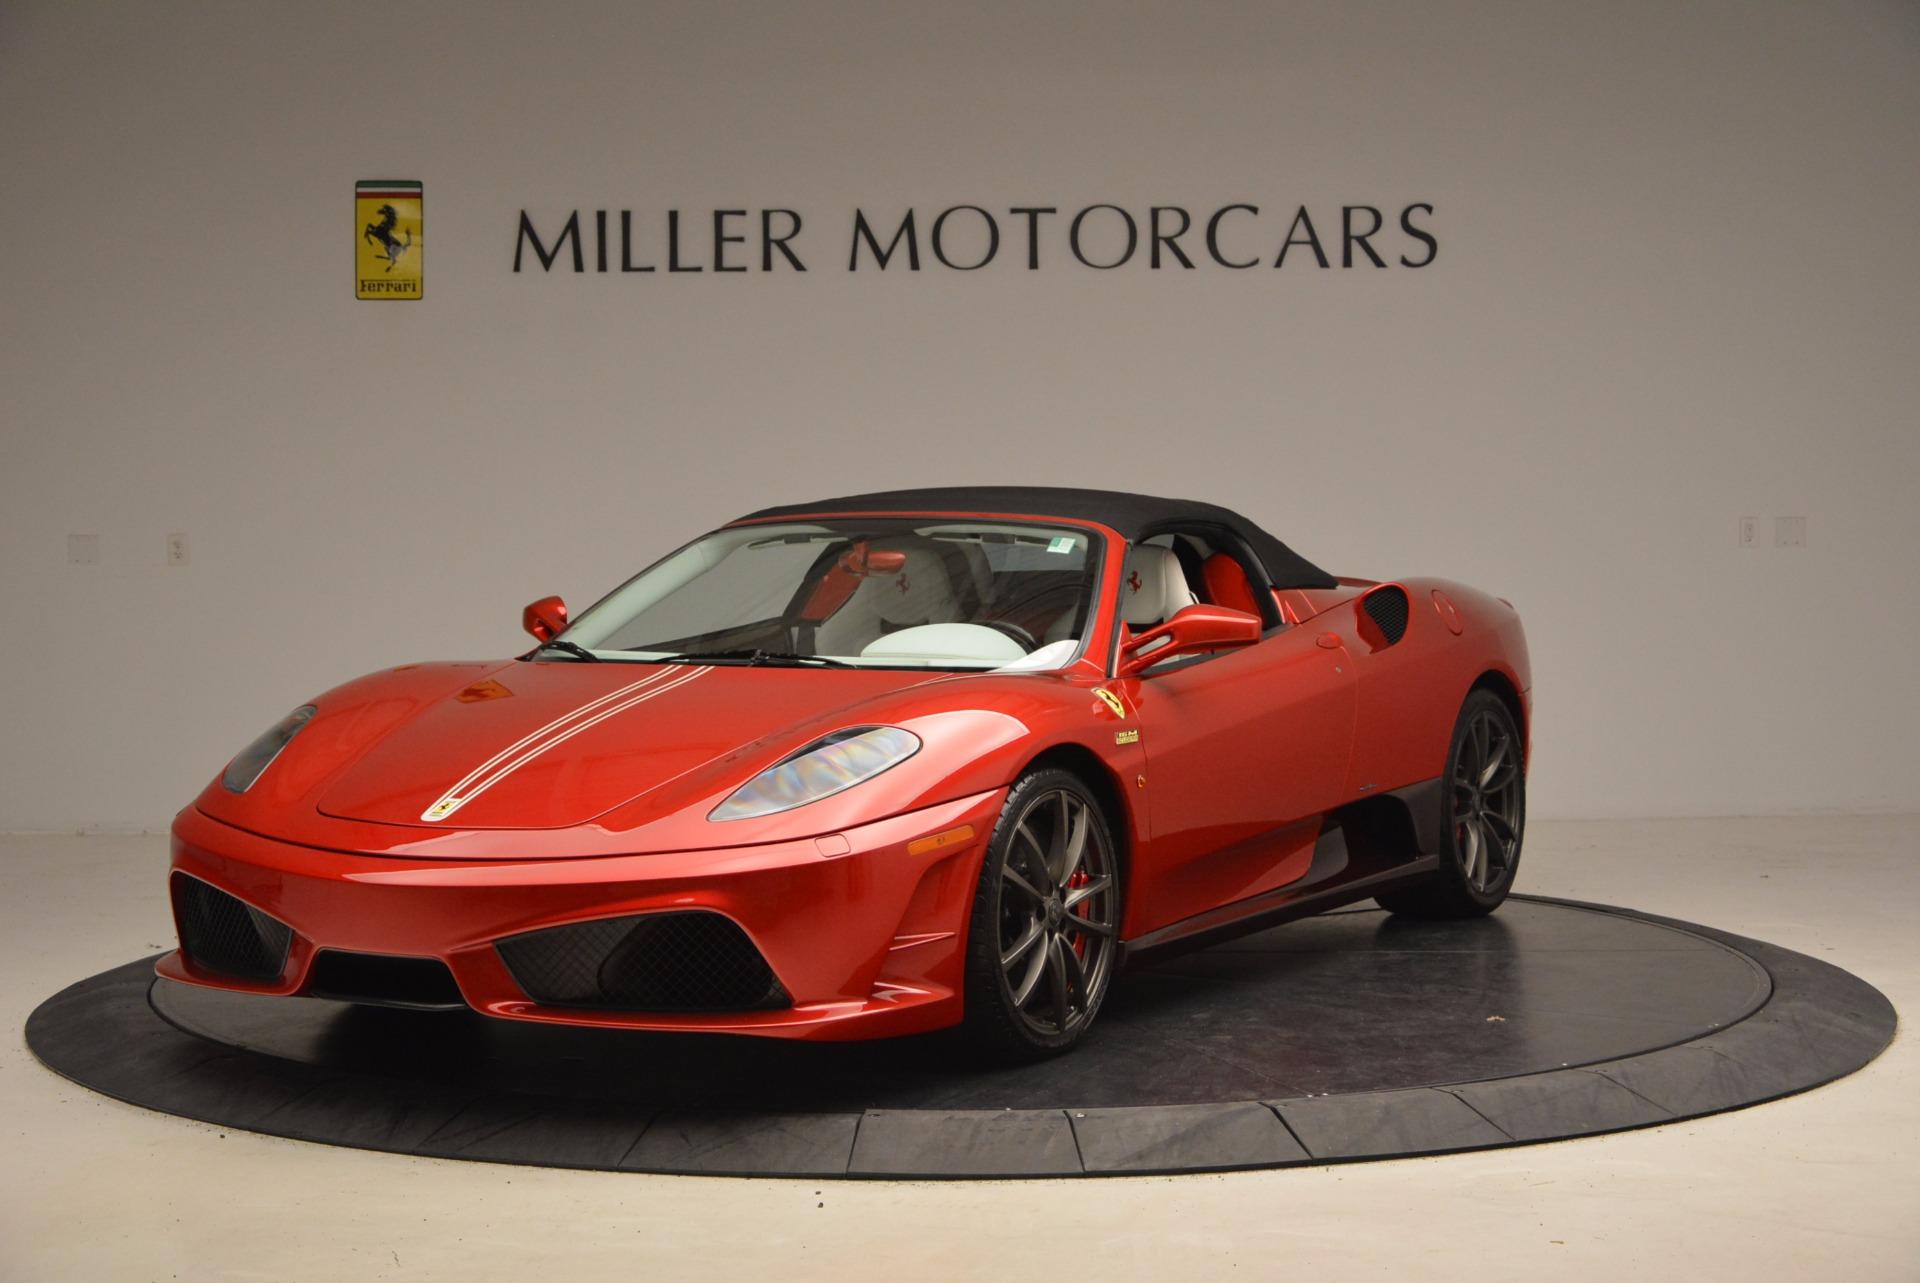 Used 2009 Ferrari F430 Scuderia 16M For Sale In Greenwich, CT. Alfa Romeo of Greenwich, 4404 1398_p13